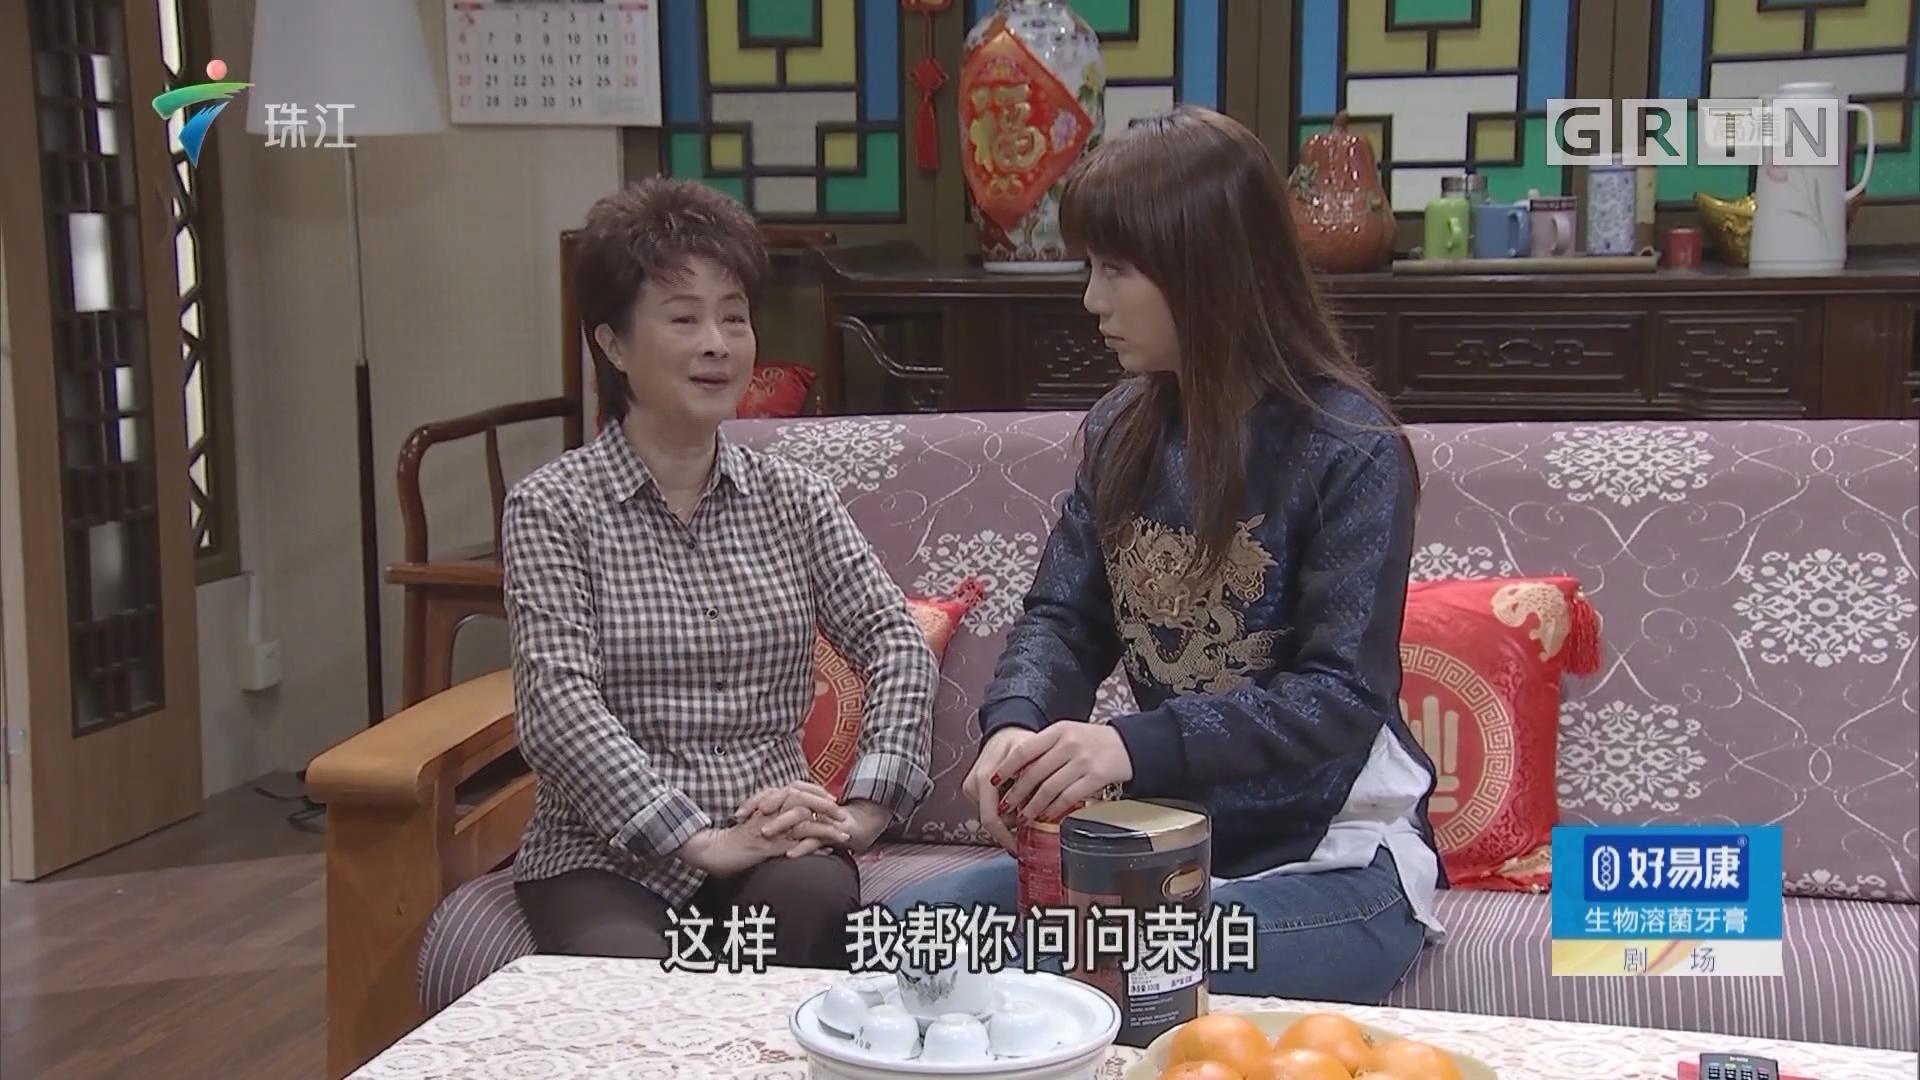 [HD][2019-01-26]外来媳妇本地郎:乌龙小妈(上)